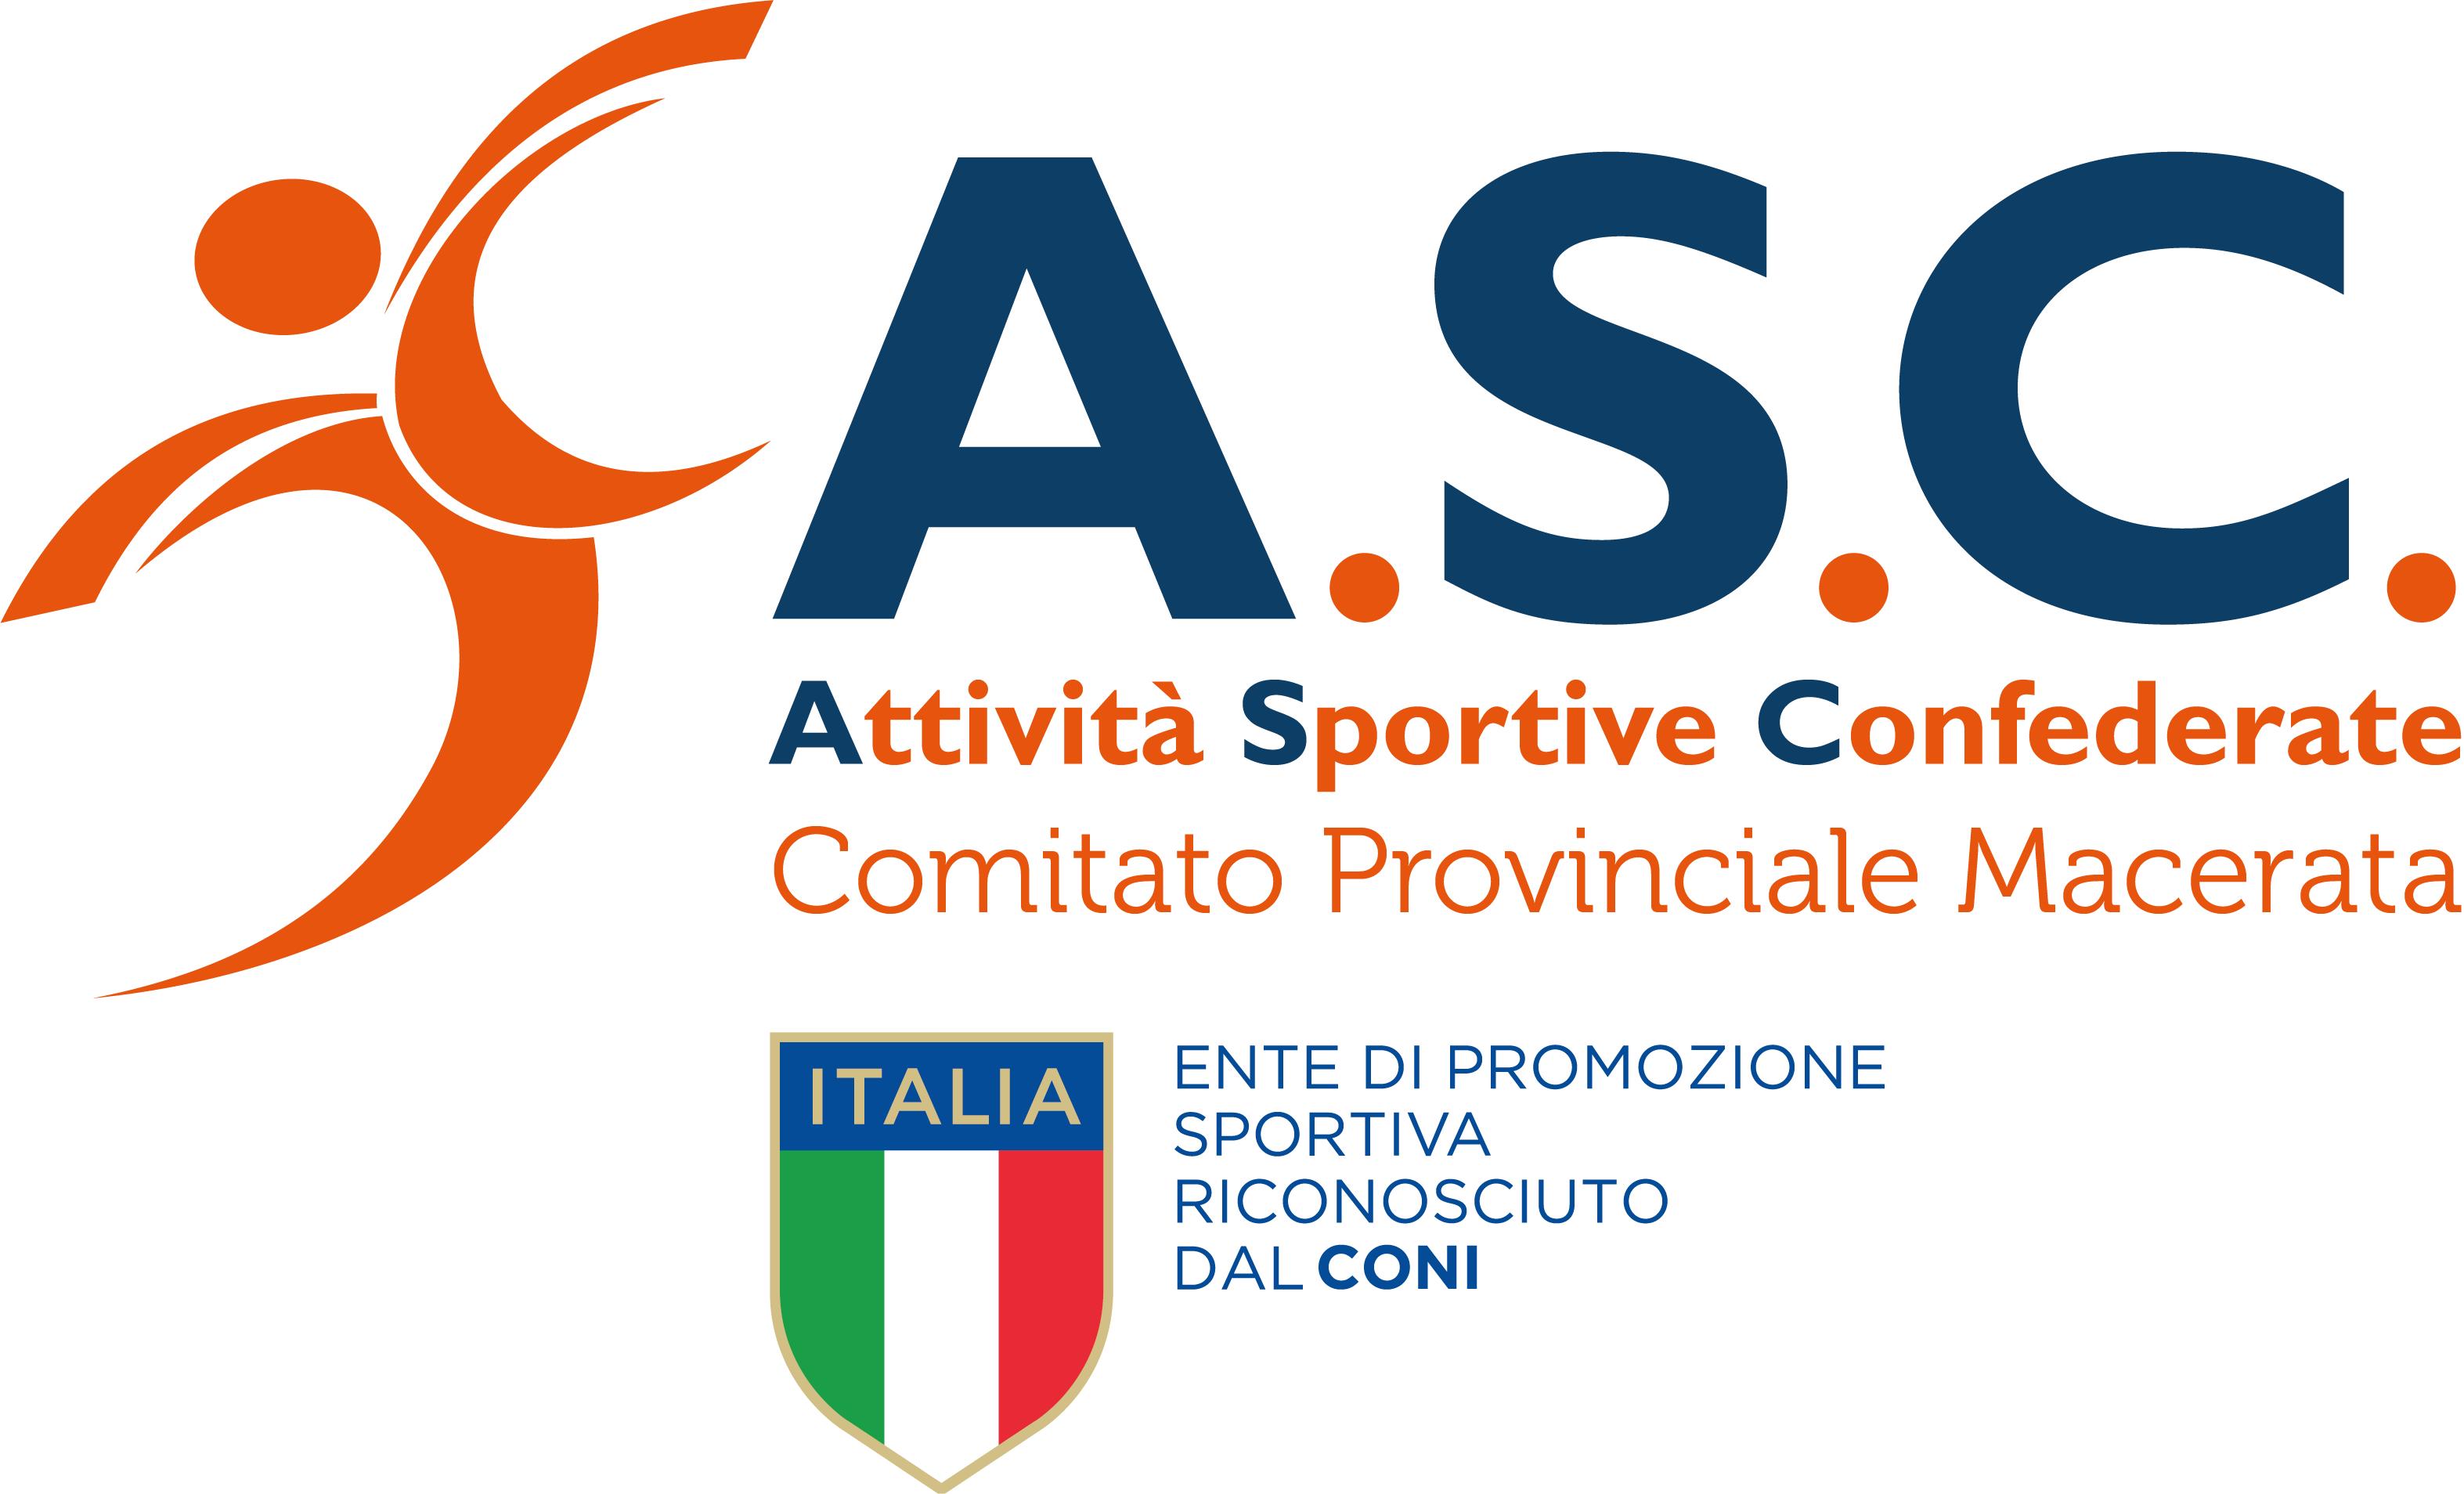 Convocazione Assemblea provinciale comitato Provinciale A S C  di Macerata